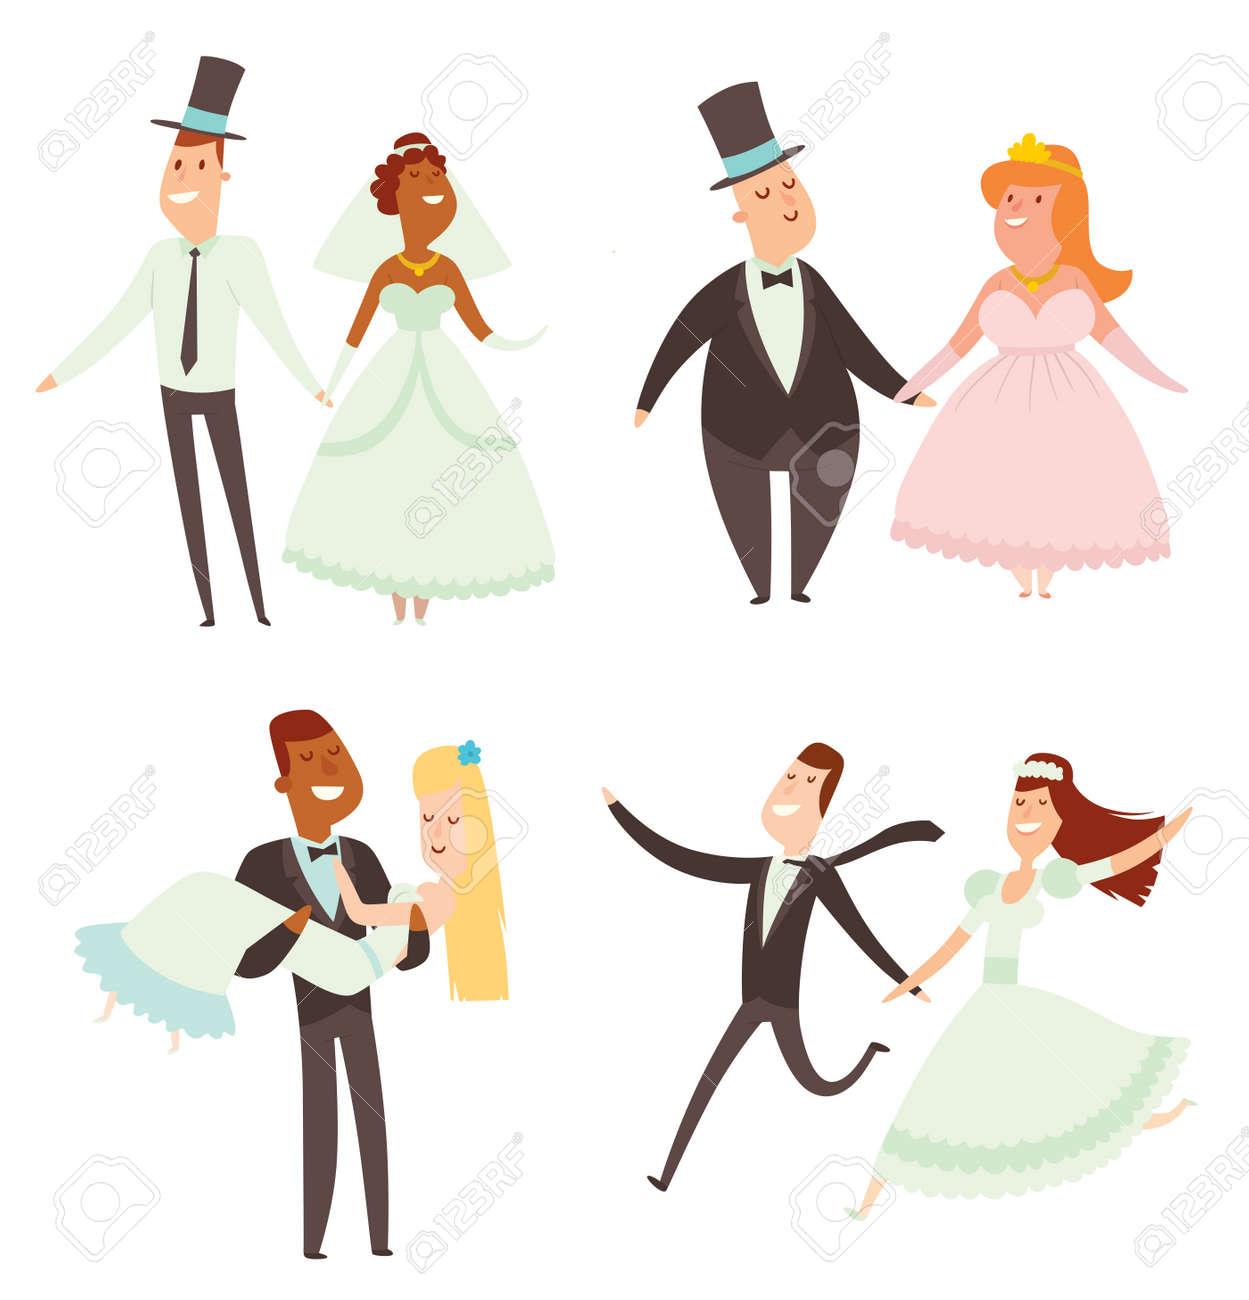 結婚式カップル漫画スタイル ベクトル イラスト。結婚式のカップル